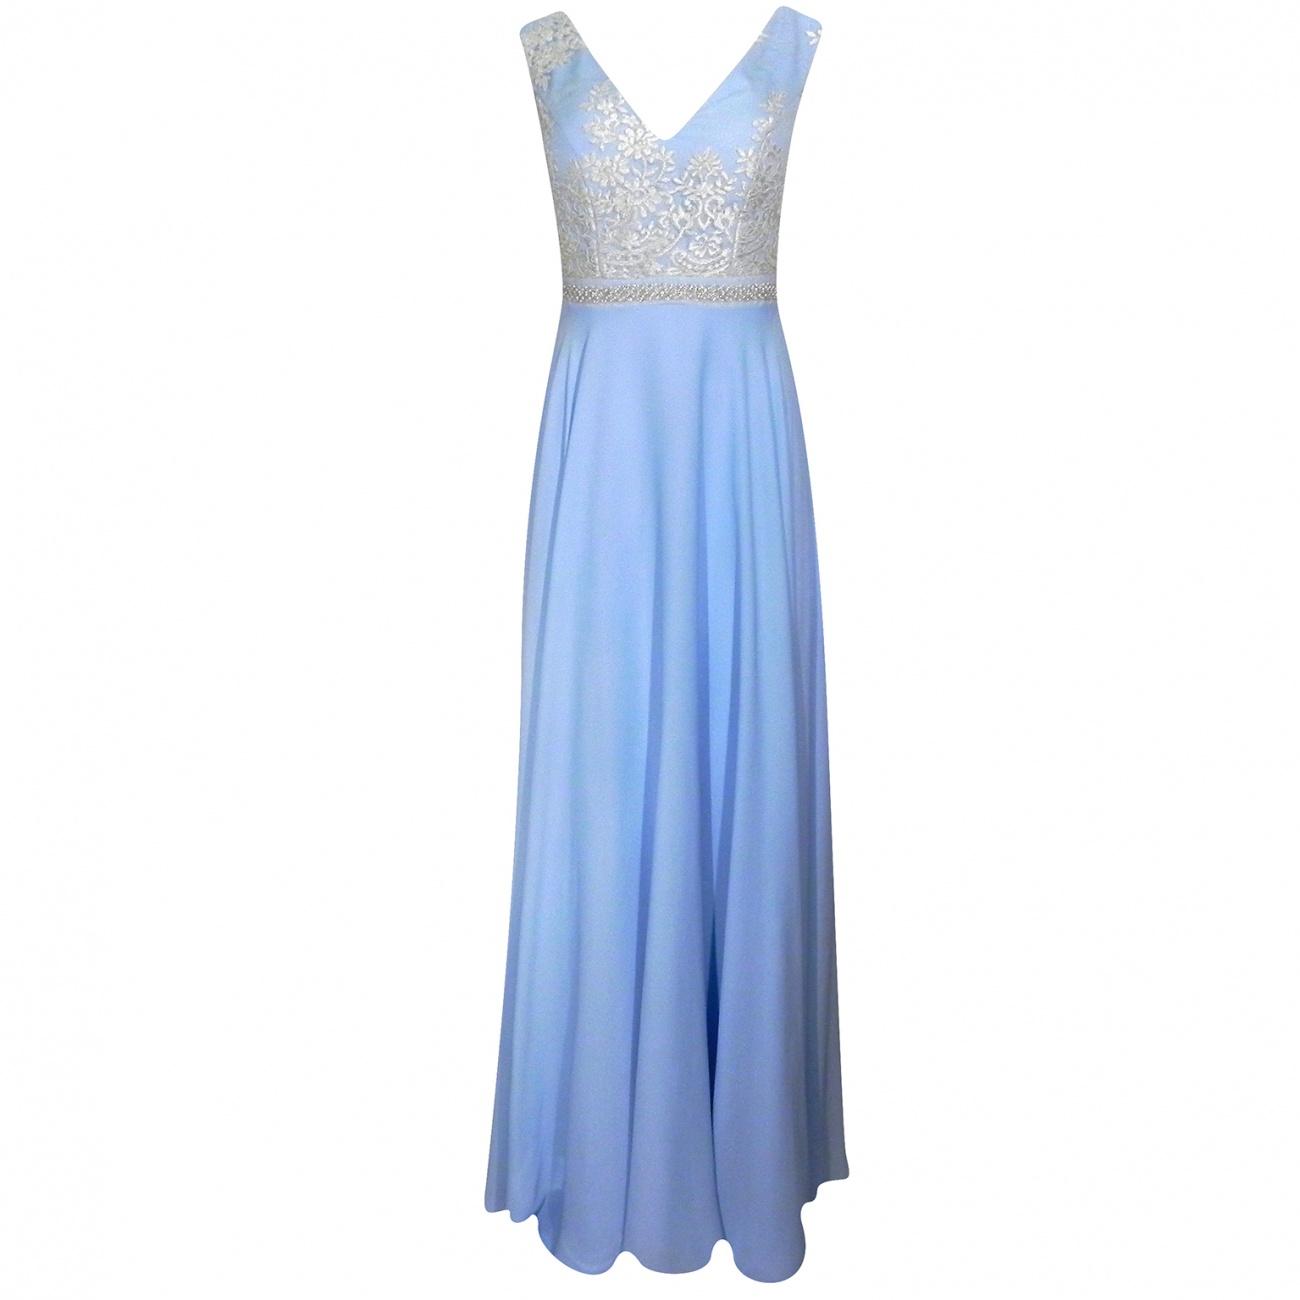 c0f643cd8a Vestido de Festa Longo em Crepe com Renda Adoro - Pole Modas